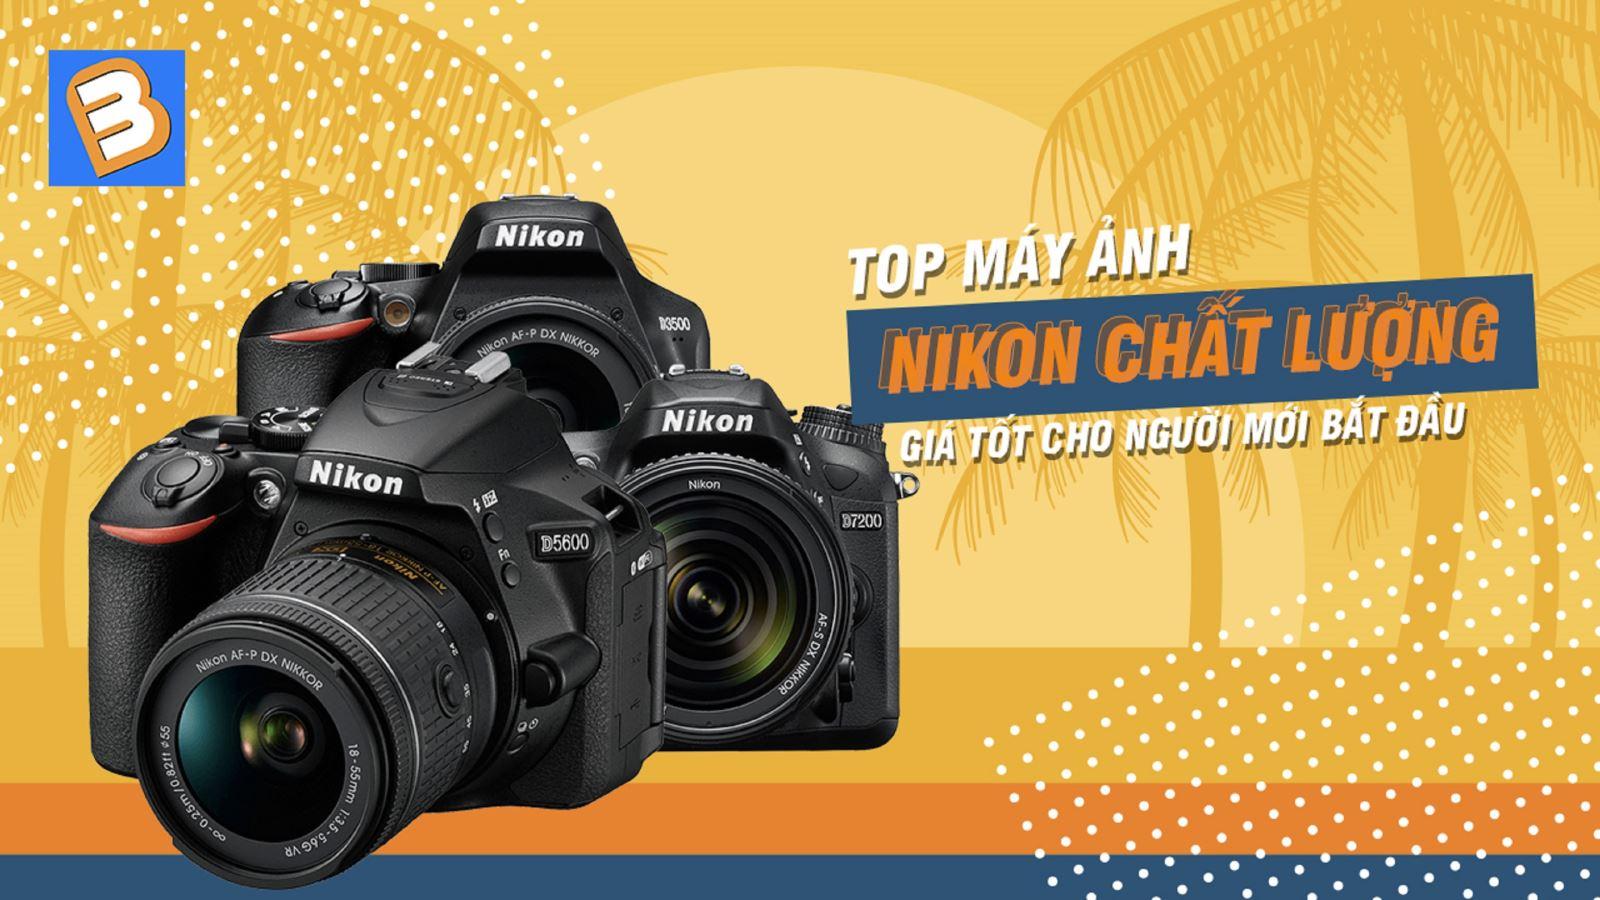 Top máy ảnh Nikonchất lượng, giá tốt cho người mới bắt đầu